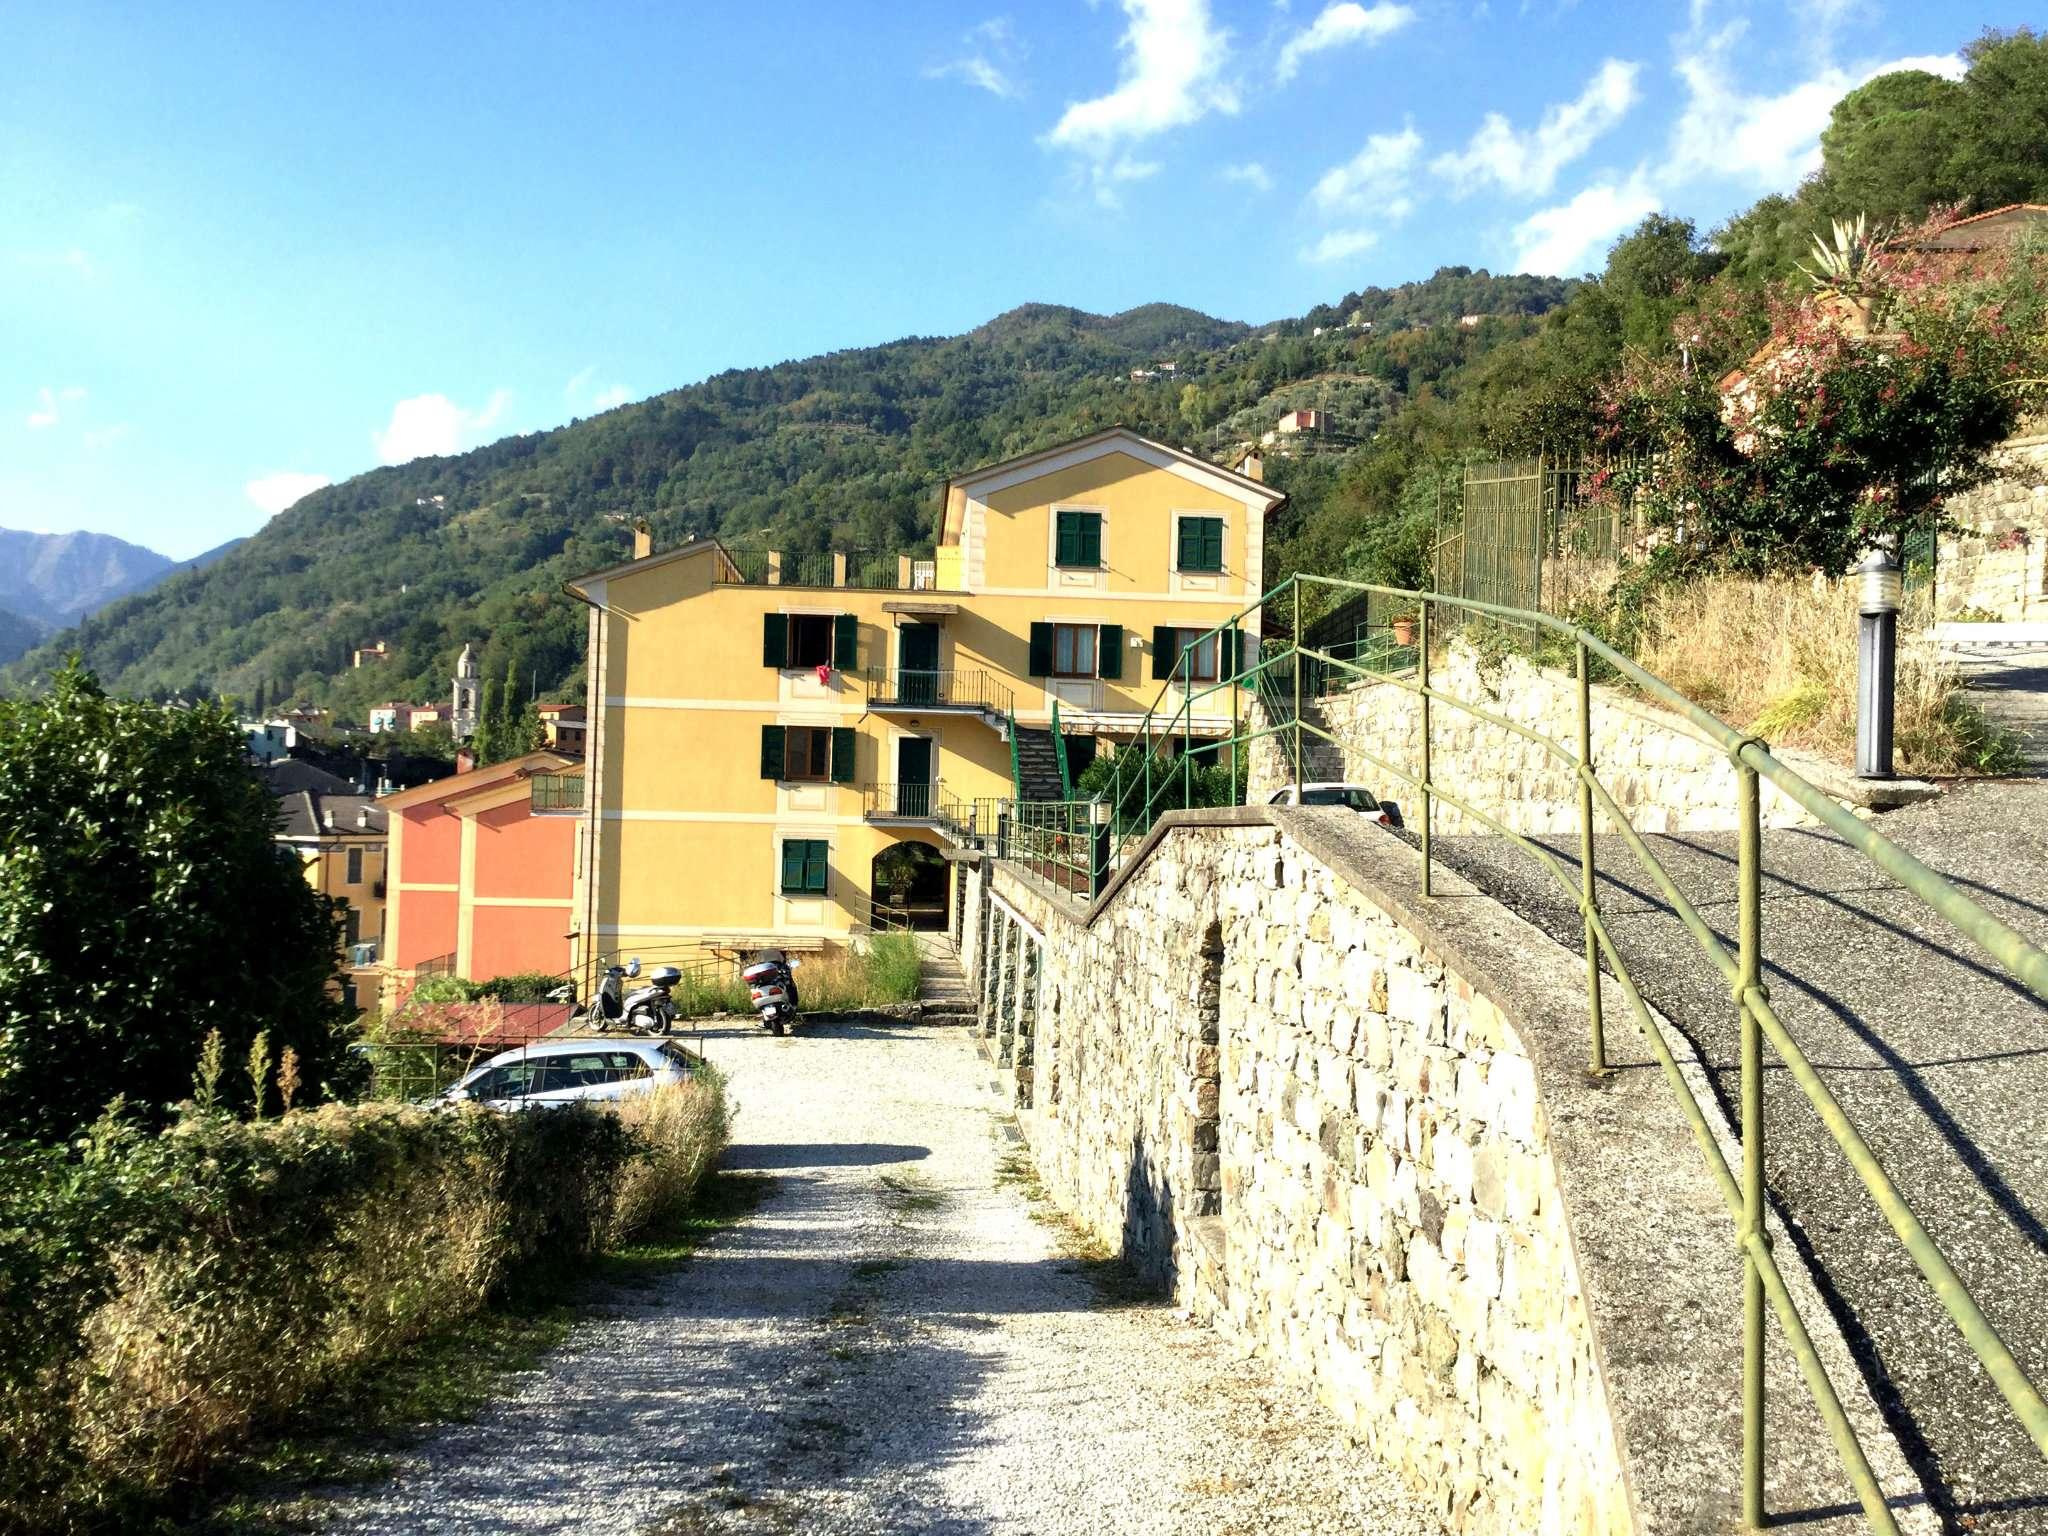 Appartamento in vendita a Borzonasca, 5 locali, prezzo € 169.000 | CambioCasa.it